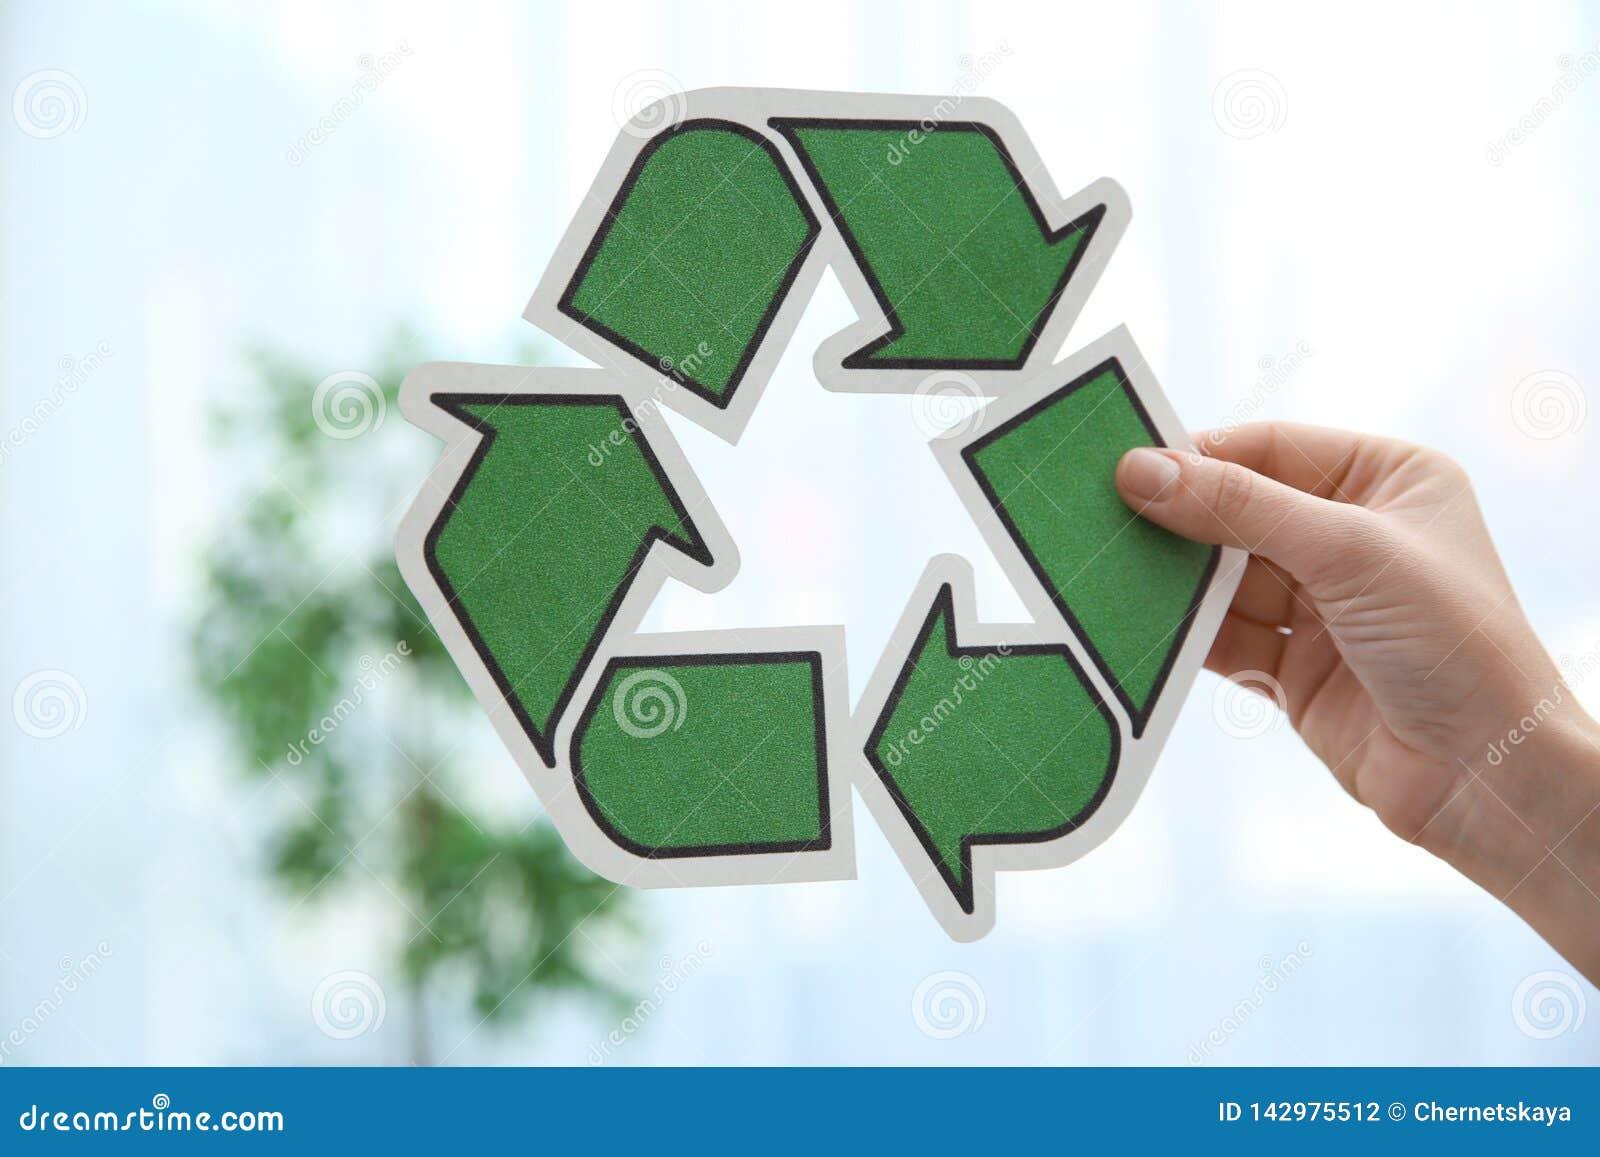 Σύμβολο ανακύκλωσης εκμετάλλευσης γυναικών στο θολωμένο υπόβαθρο